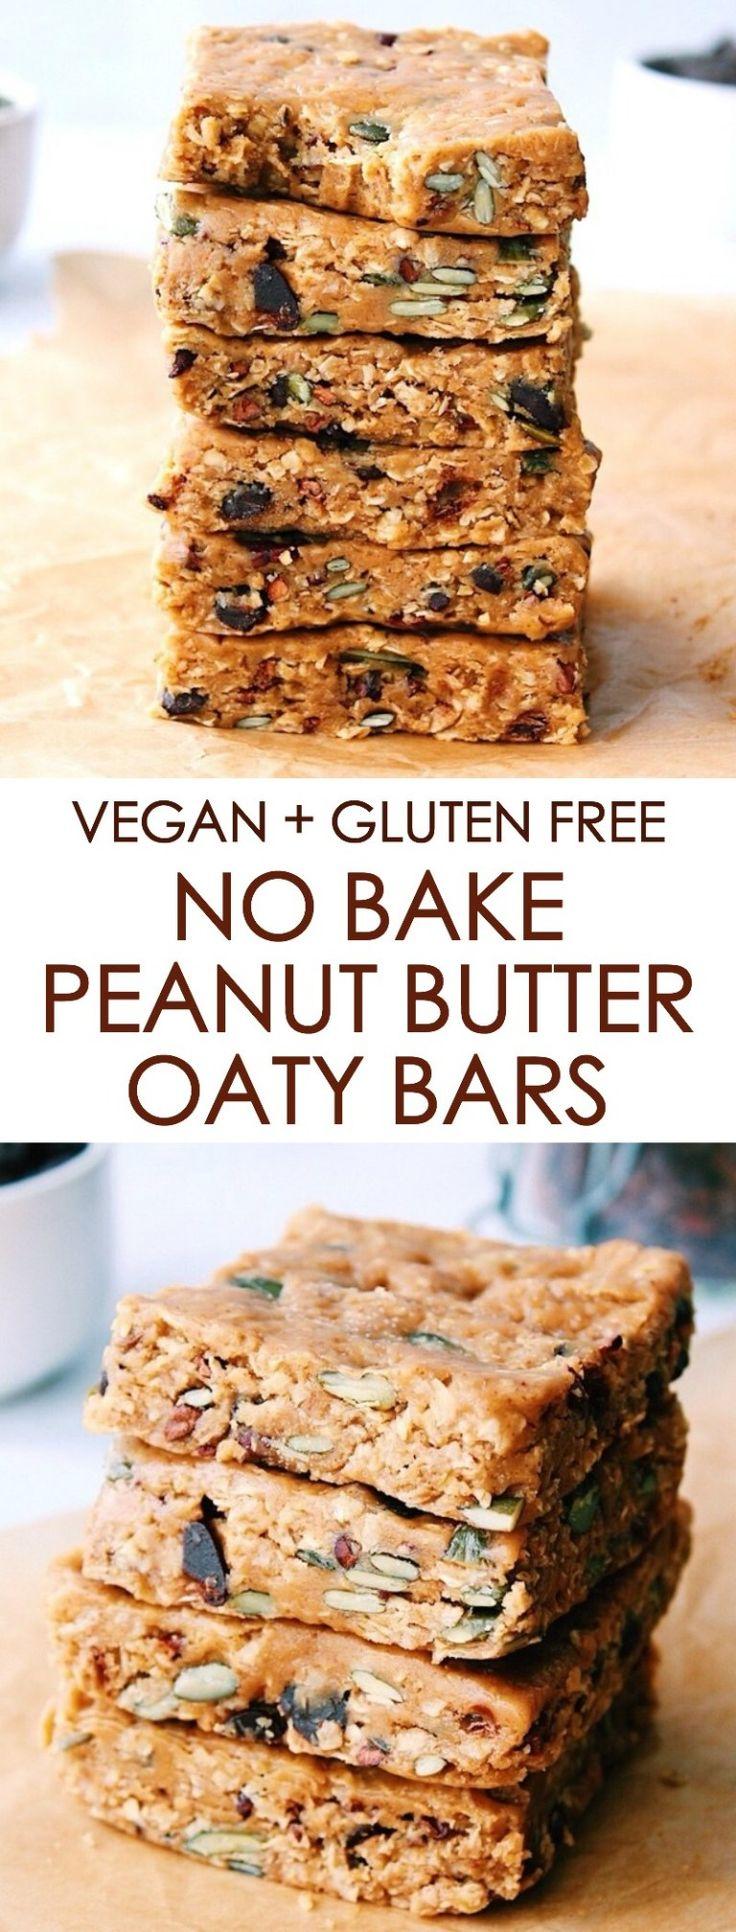 NO BAKE PEANUT BUTTER OATY BARS {vegan, gluten free, soy free}